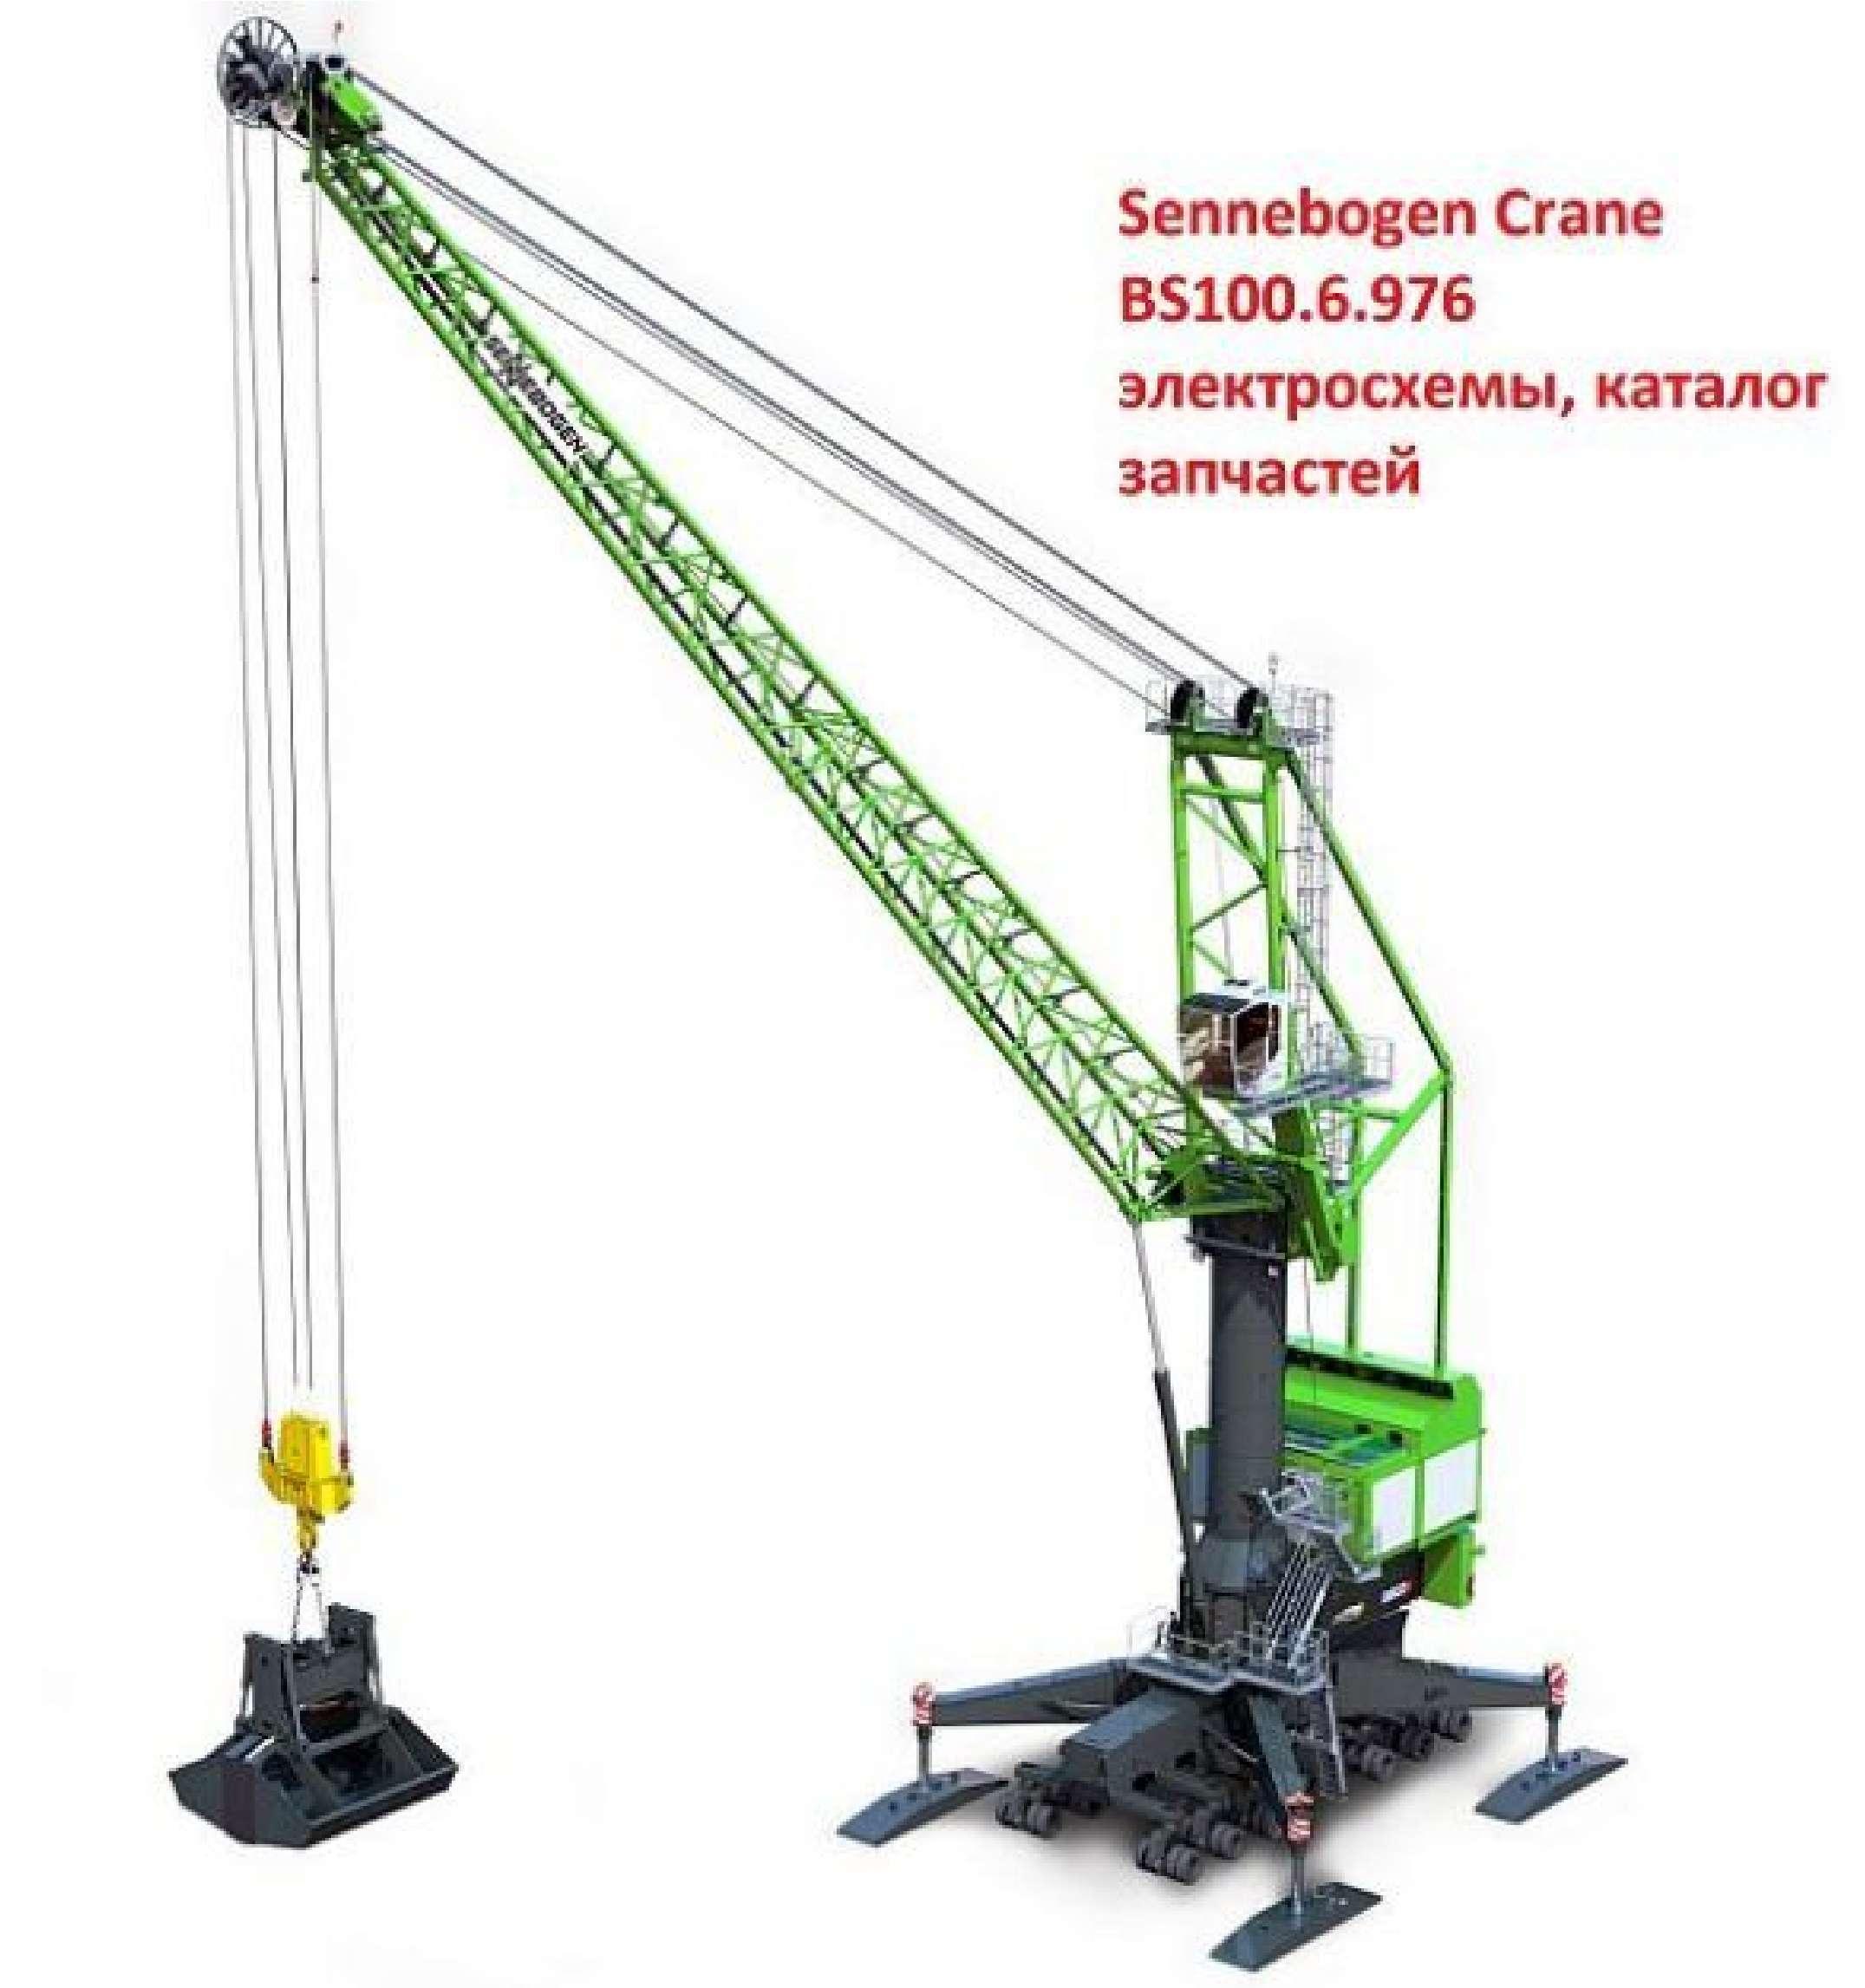 Sennebogen Crane BS100.6.976 ss-01